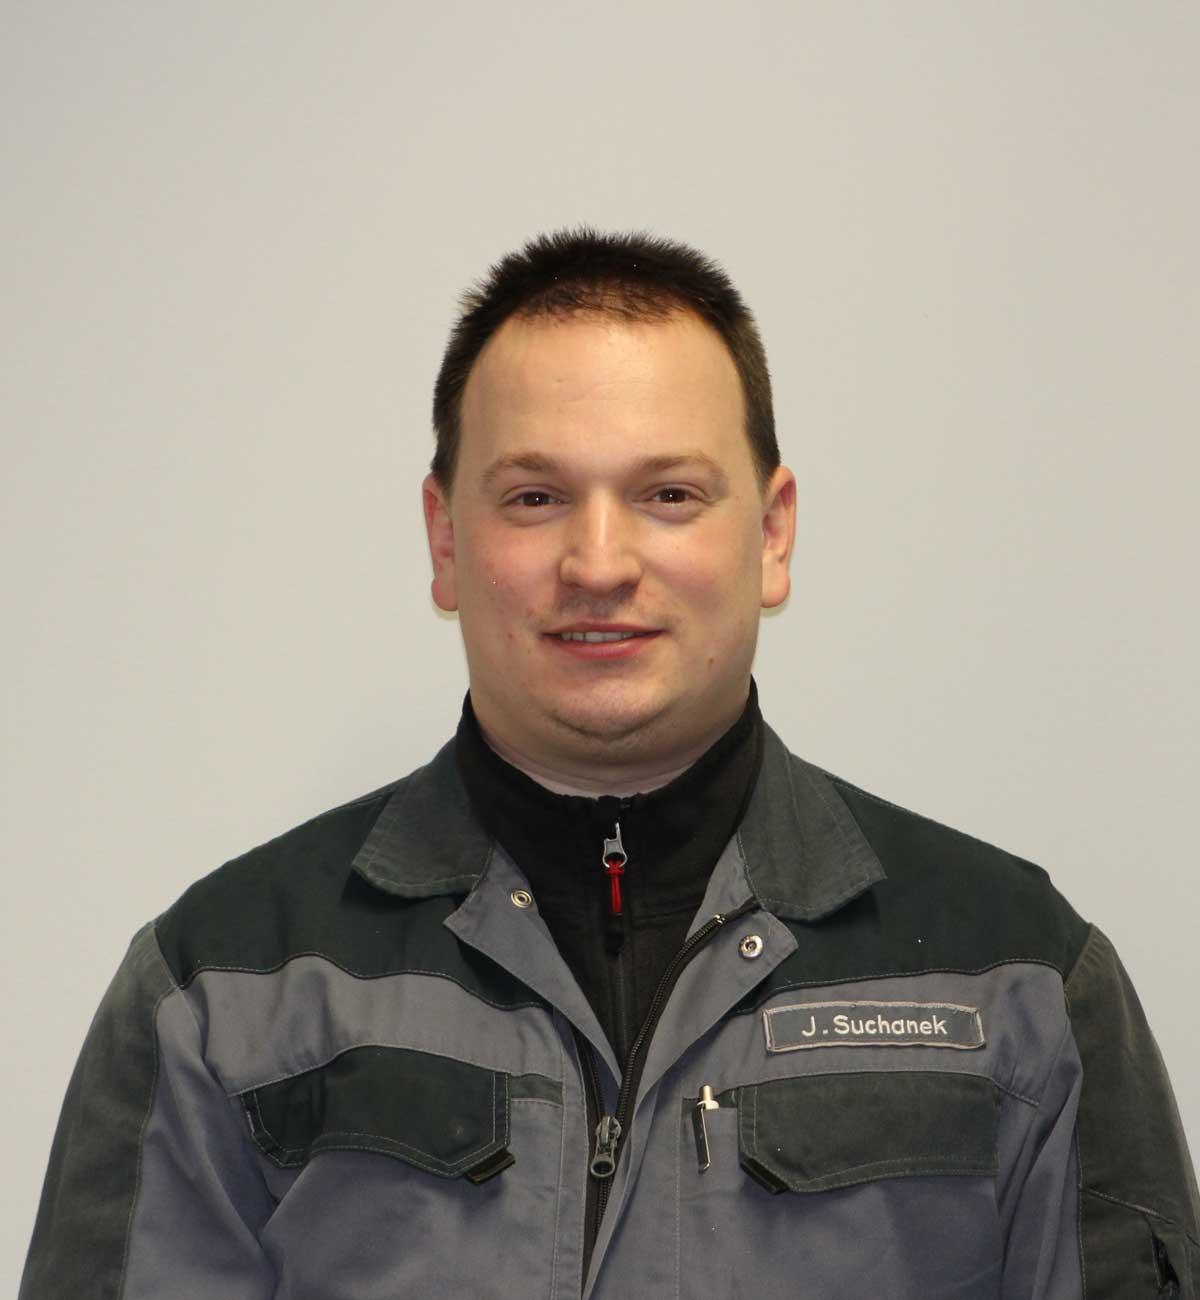 Jakob Suchanek